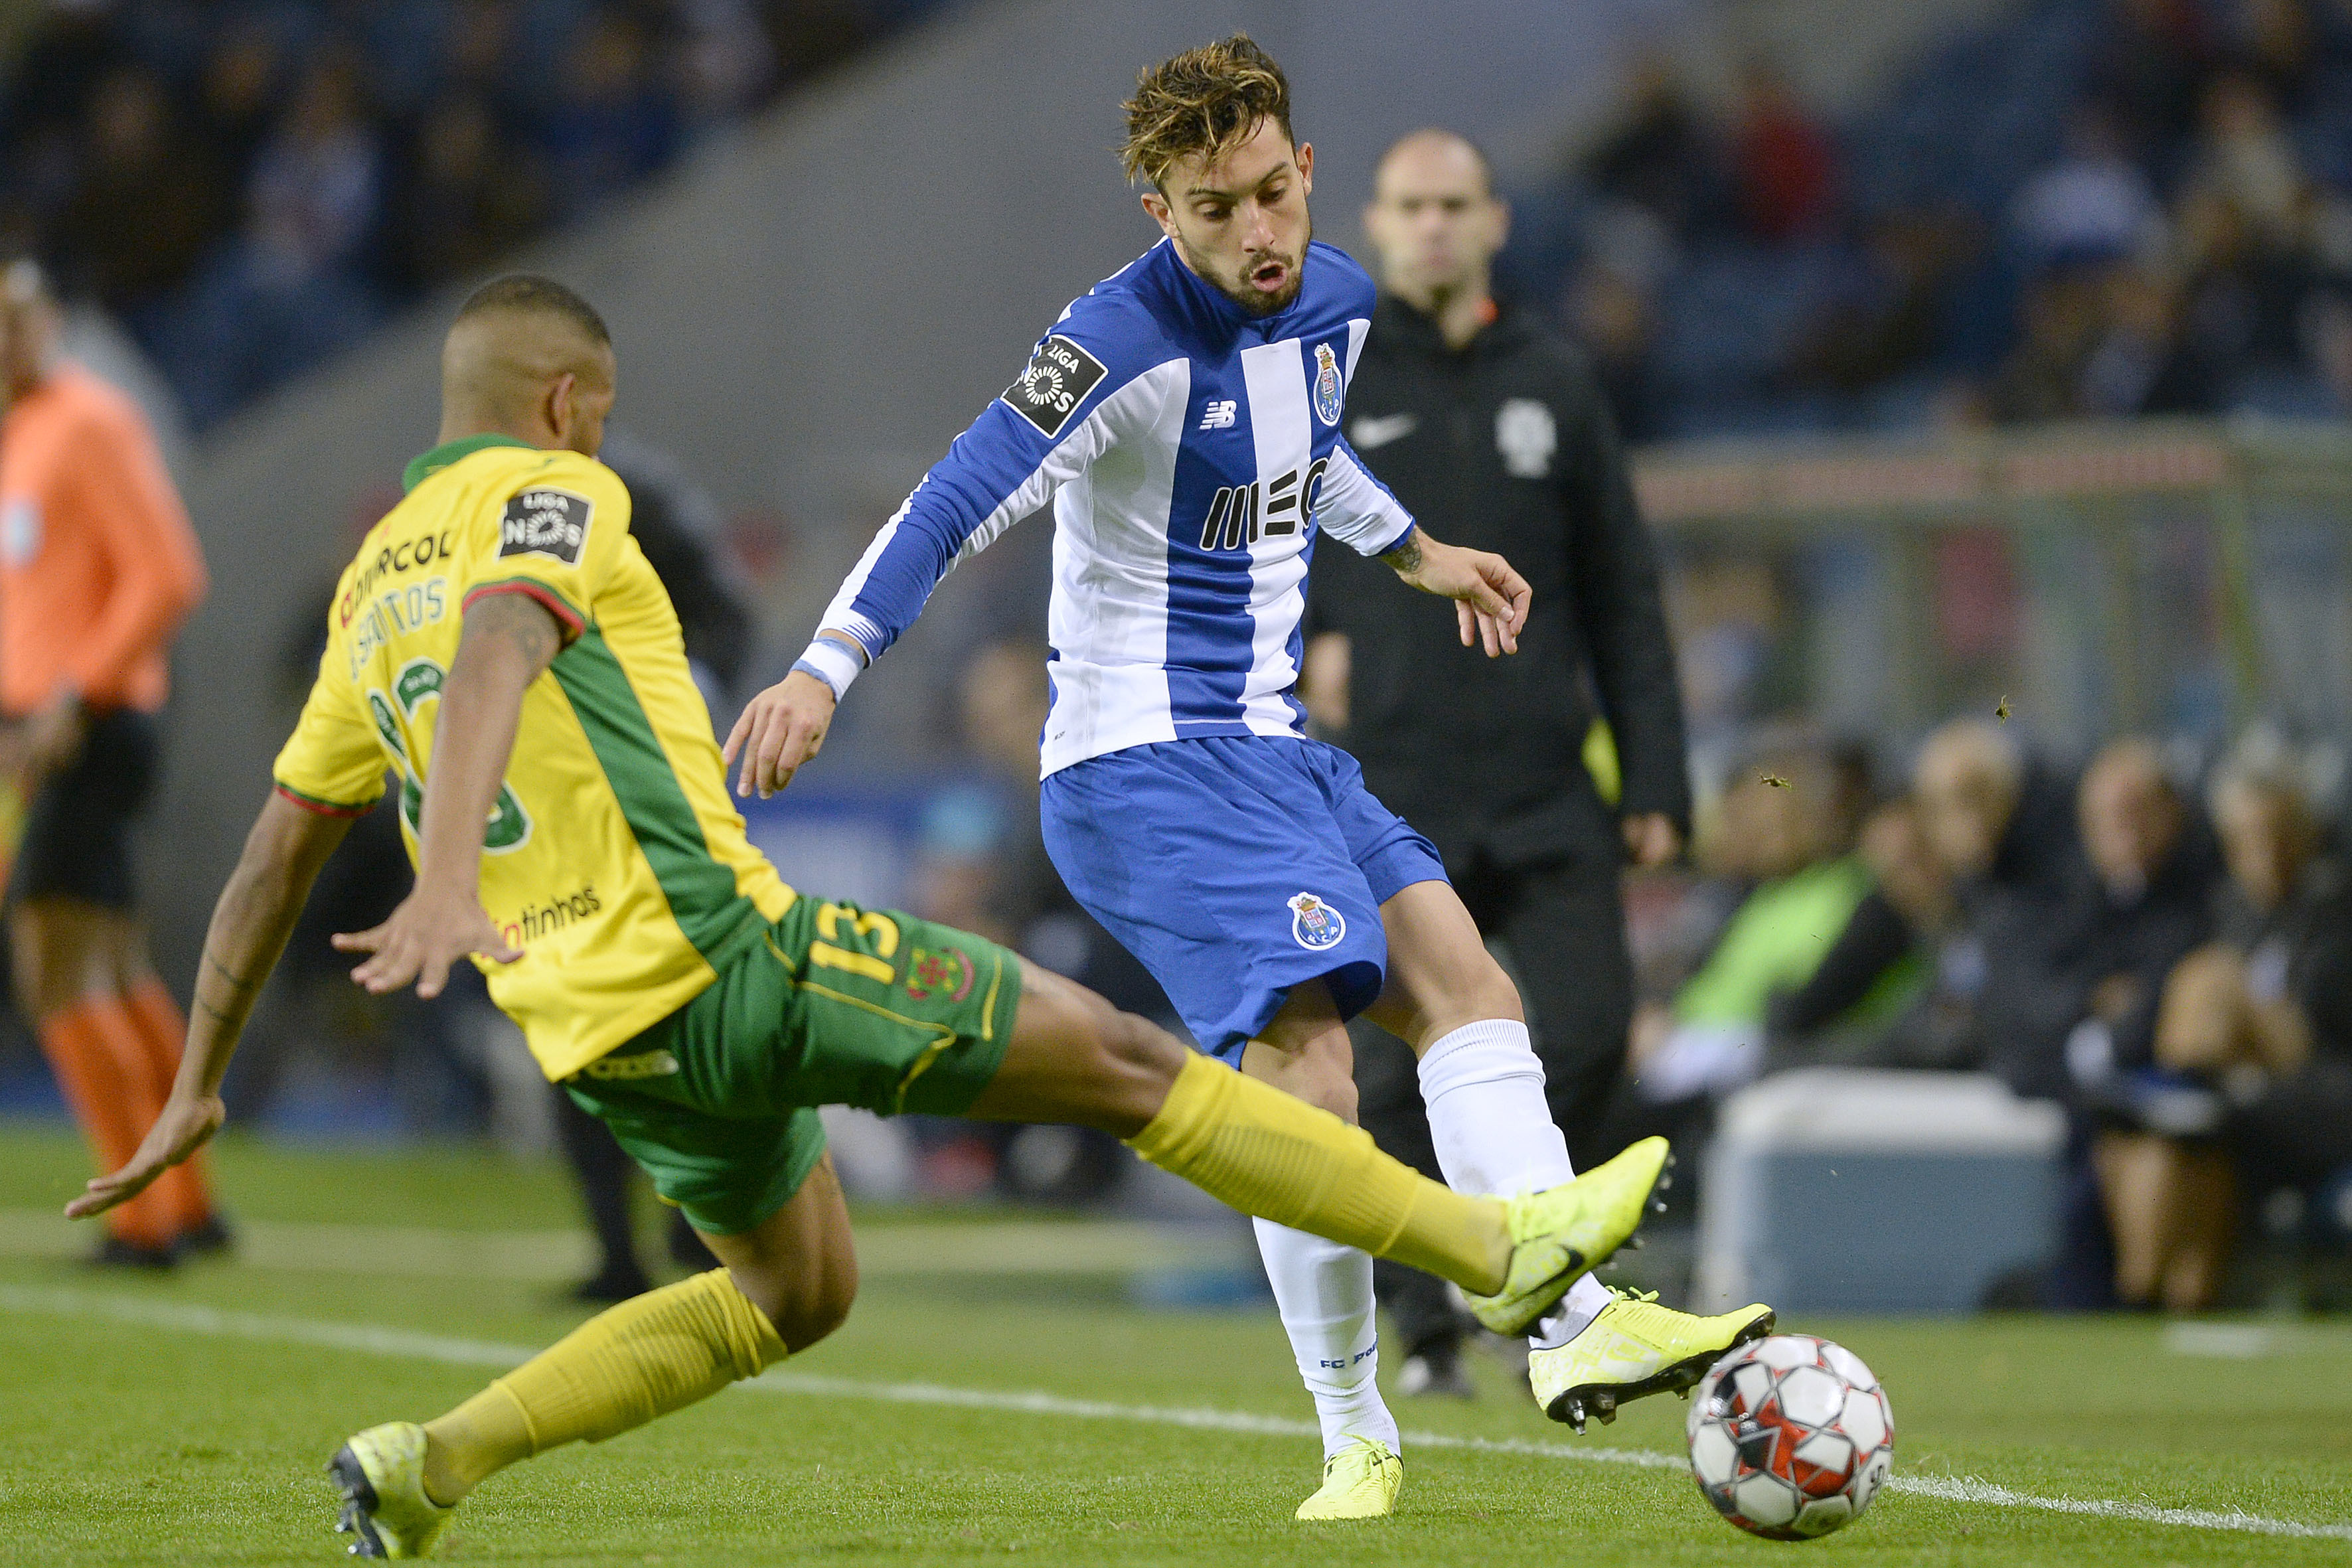 FC Porto com pontaria a mais: já são 17 remates aos ferros esta época